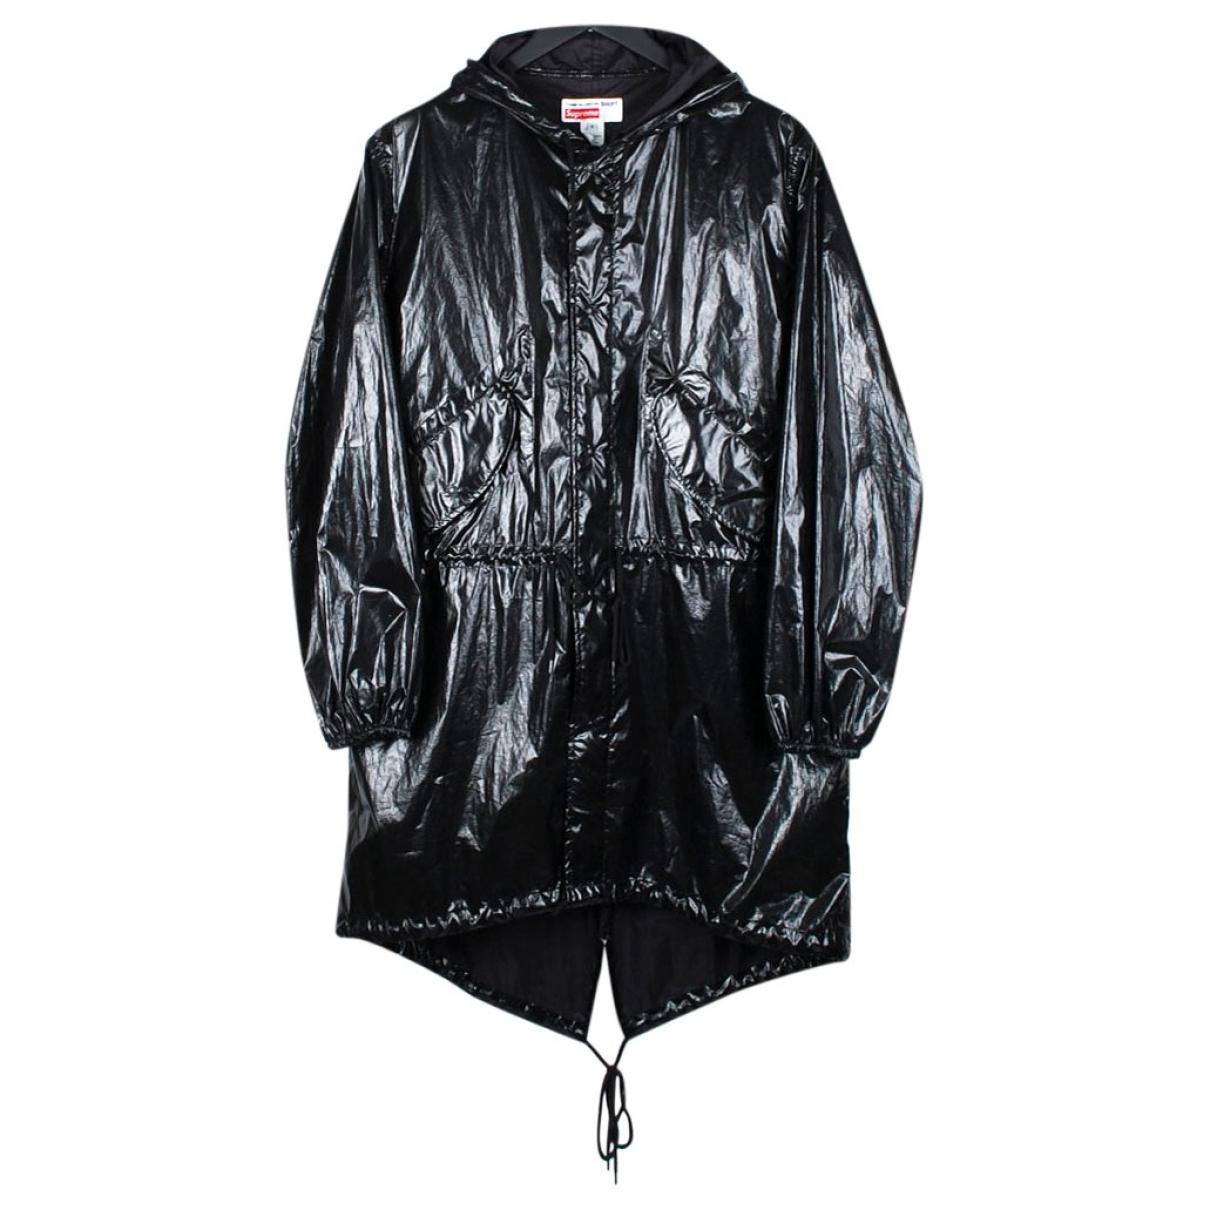 Supreme X Comme Des Garçons \N Black coat  for Men M International